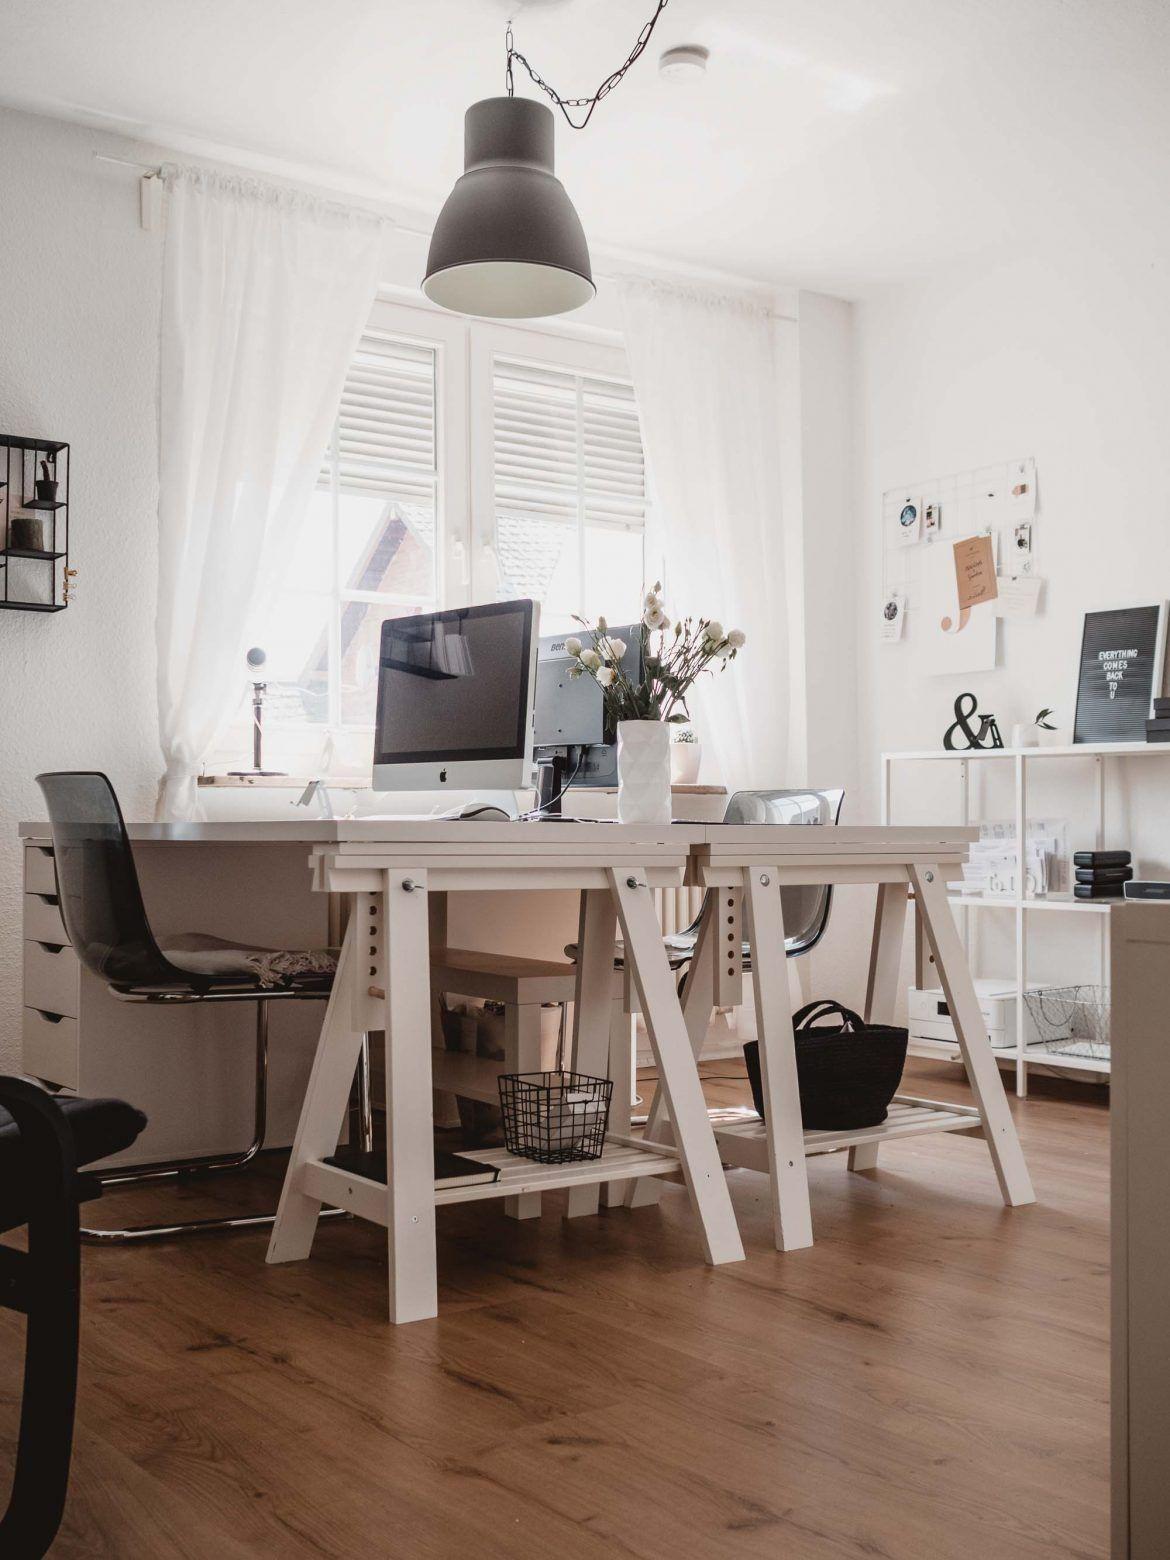 Arbeitszimmer Einrichten Buro Einrichten Ideen Ikea Beispiele Encorechicagoorg Checkliste Planer K Home Office Einrichten Arbeitszimmer Einrichten Home Office